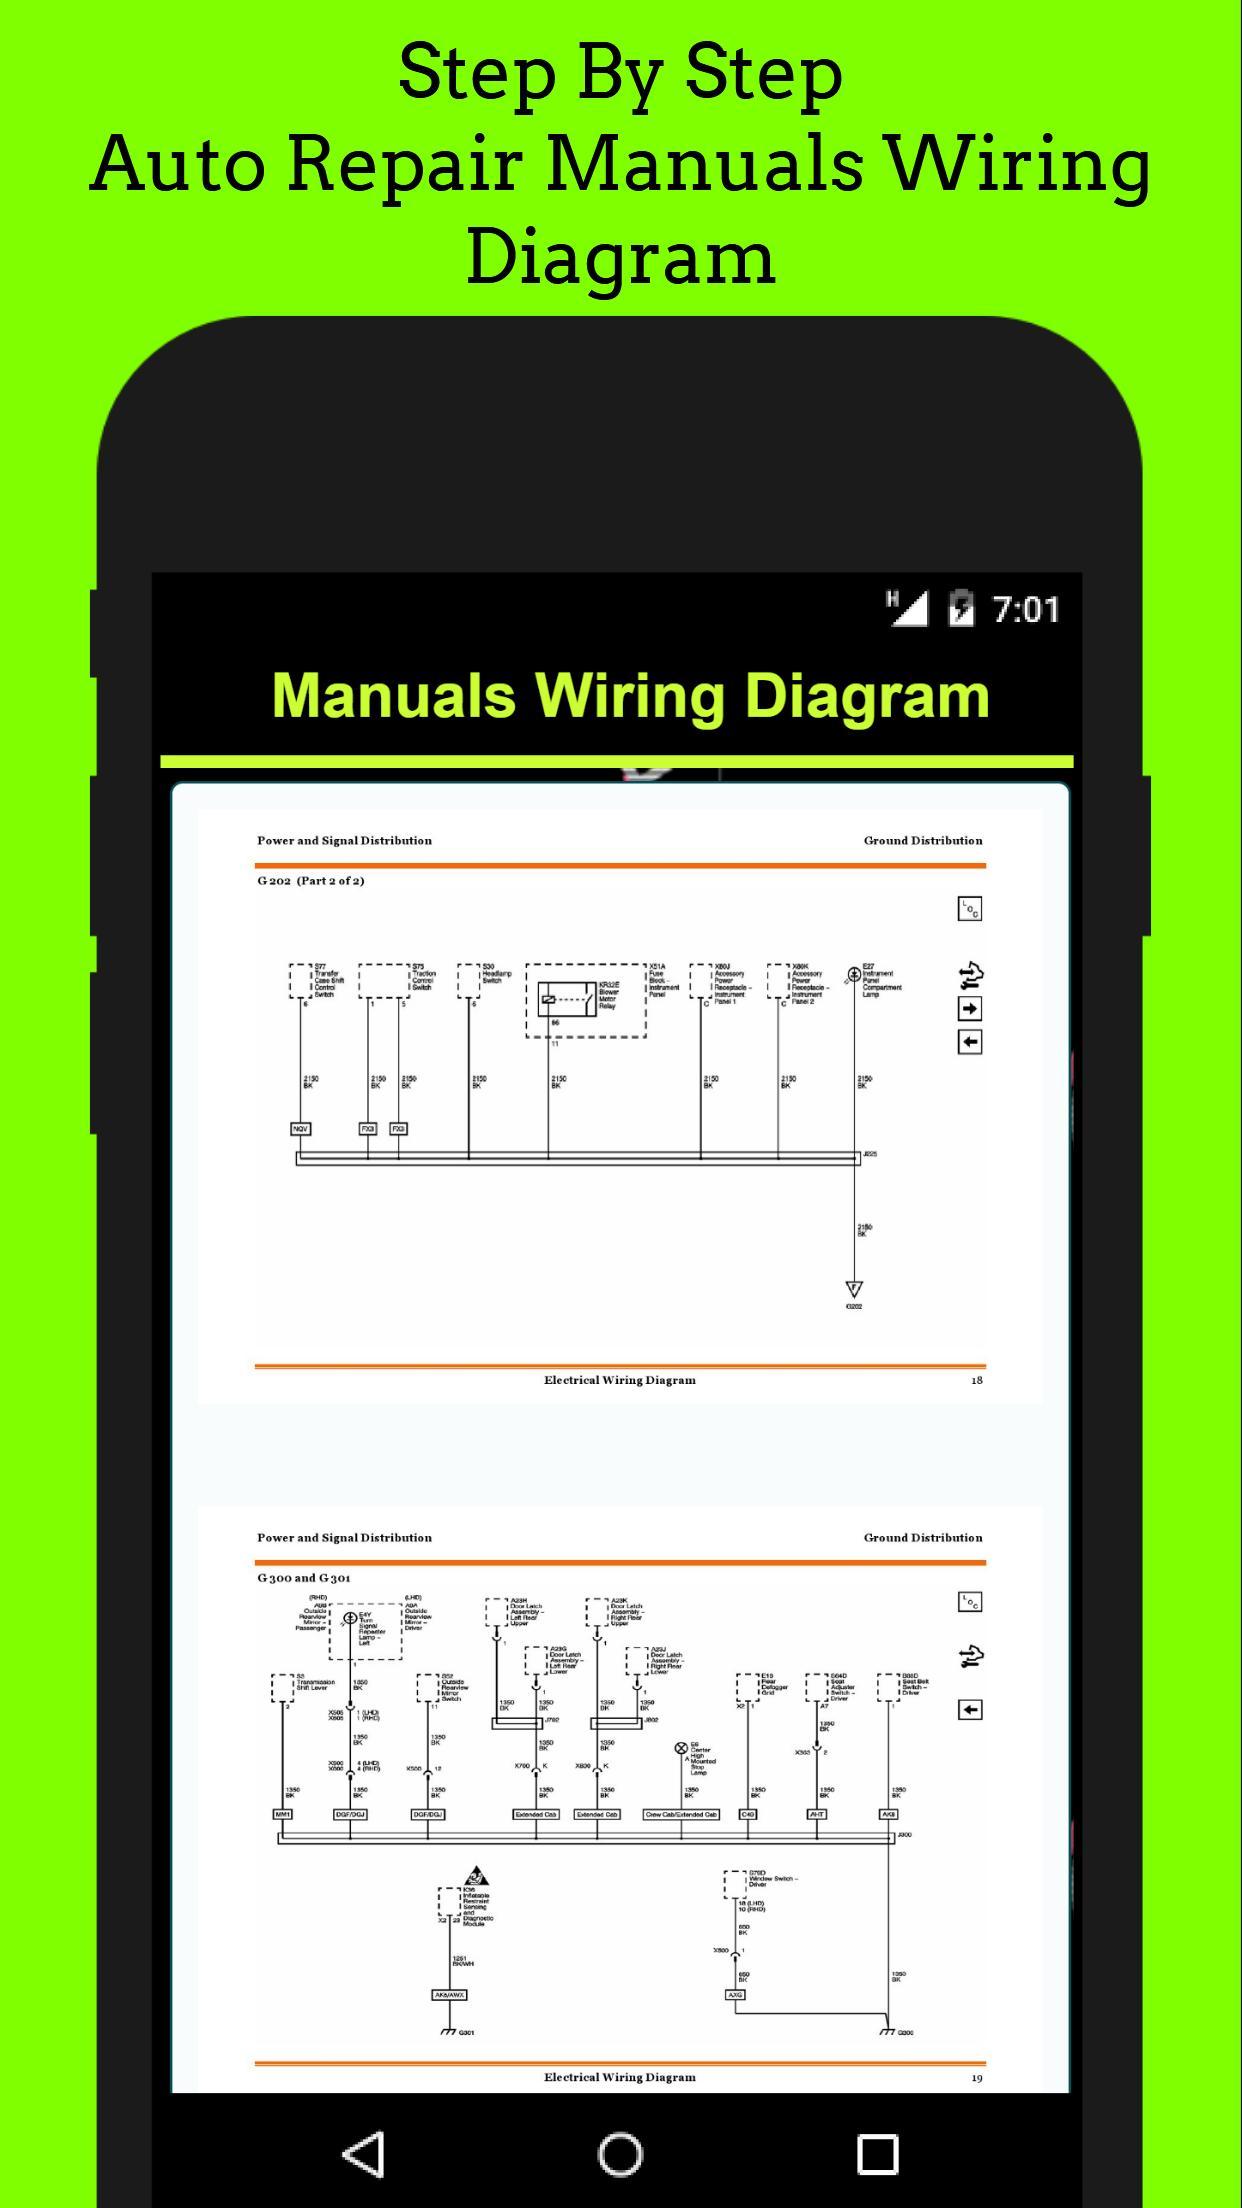 auto repair manuals wiring diagram screenshot 7